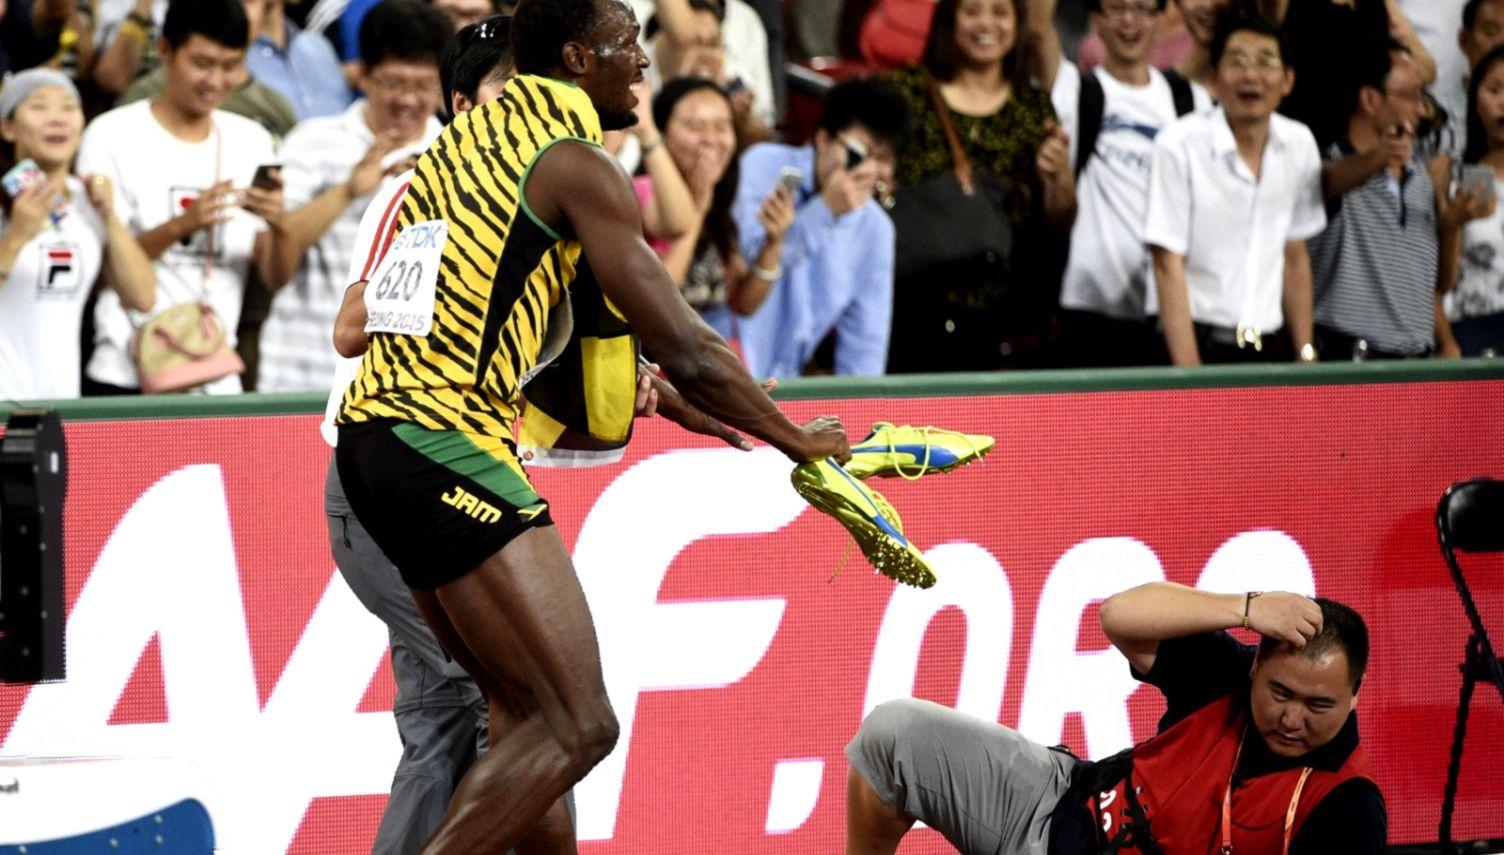 Usain Bolt collides with a cameraman on a Segway CNN